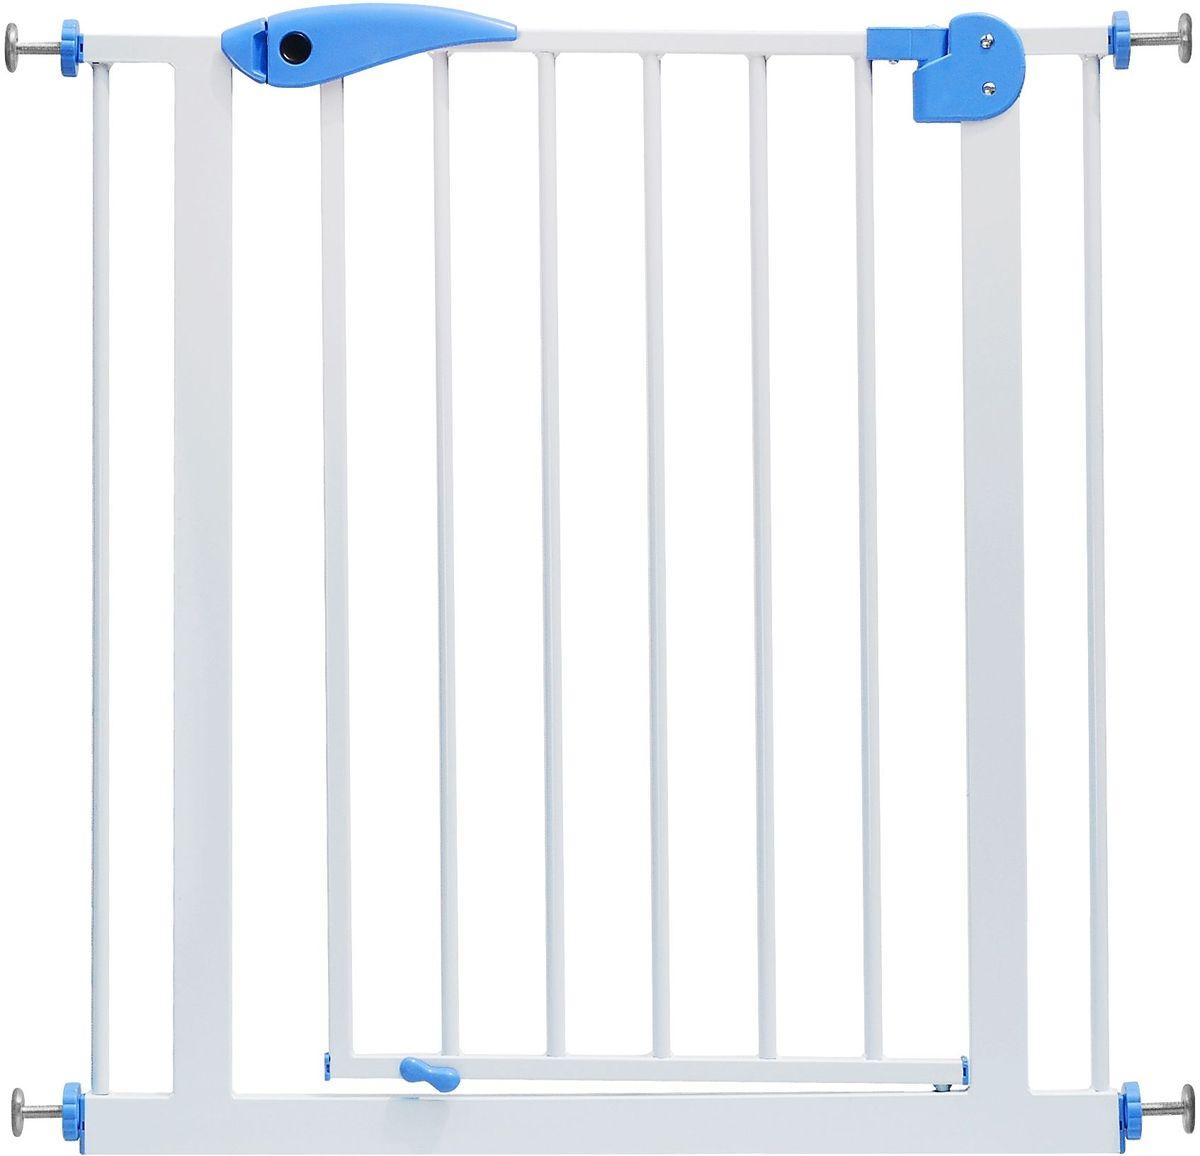 Baby Safe Барьер-калитка цвет синий белый 75-85 см - Безопасность ребенка